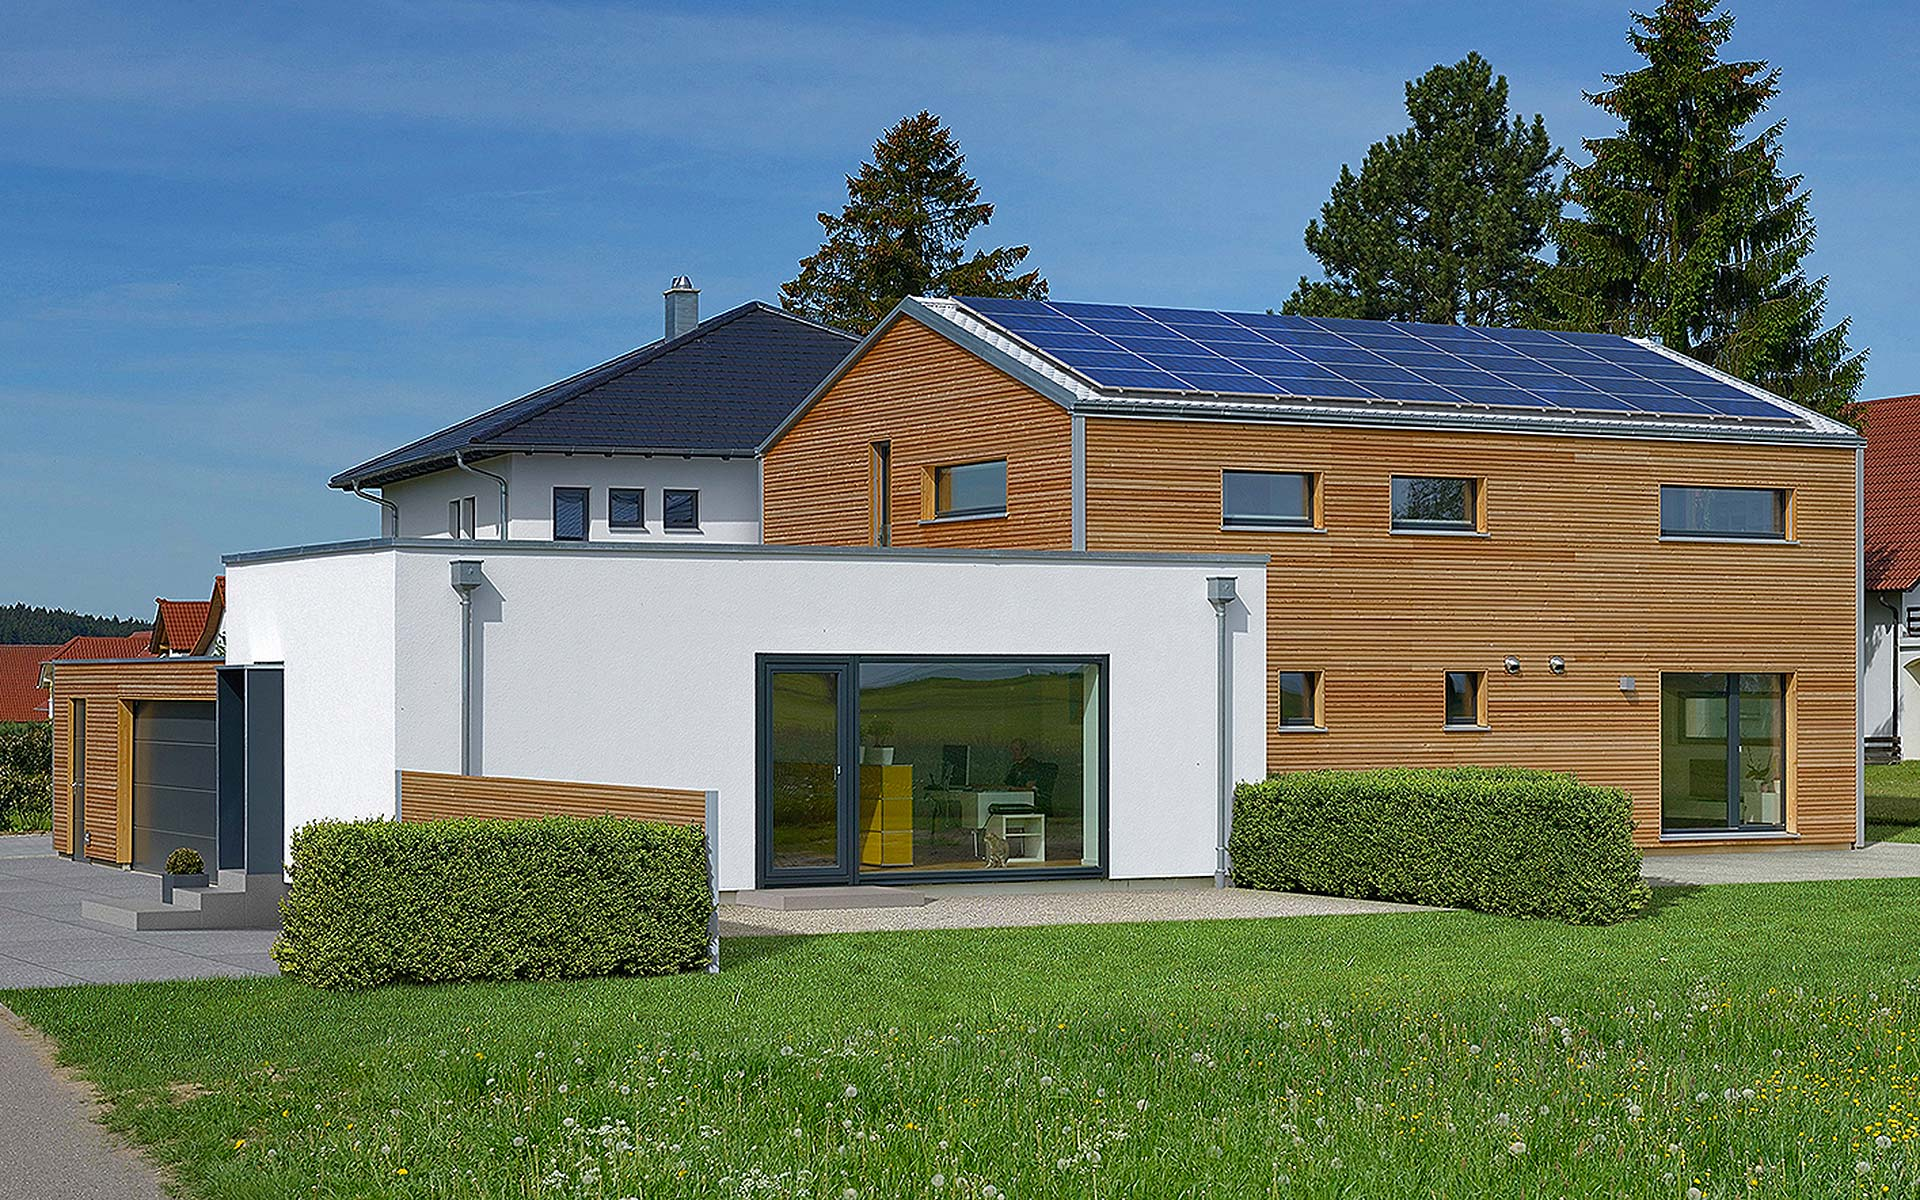 Wriedt von Bau-Fritz GmbH & Co. KG, seit 1896